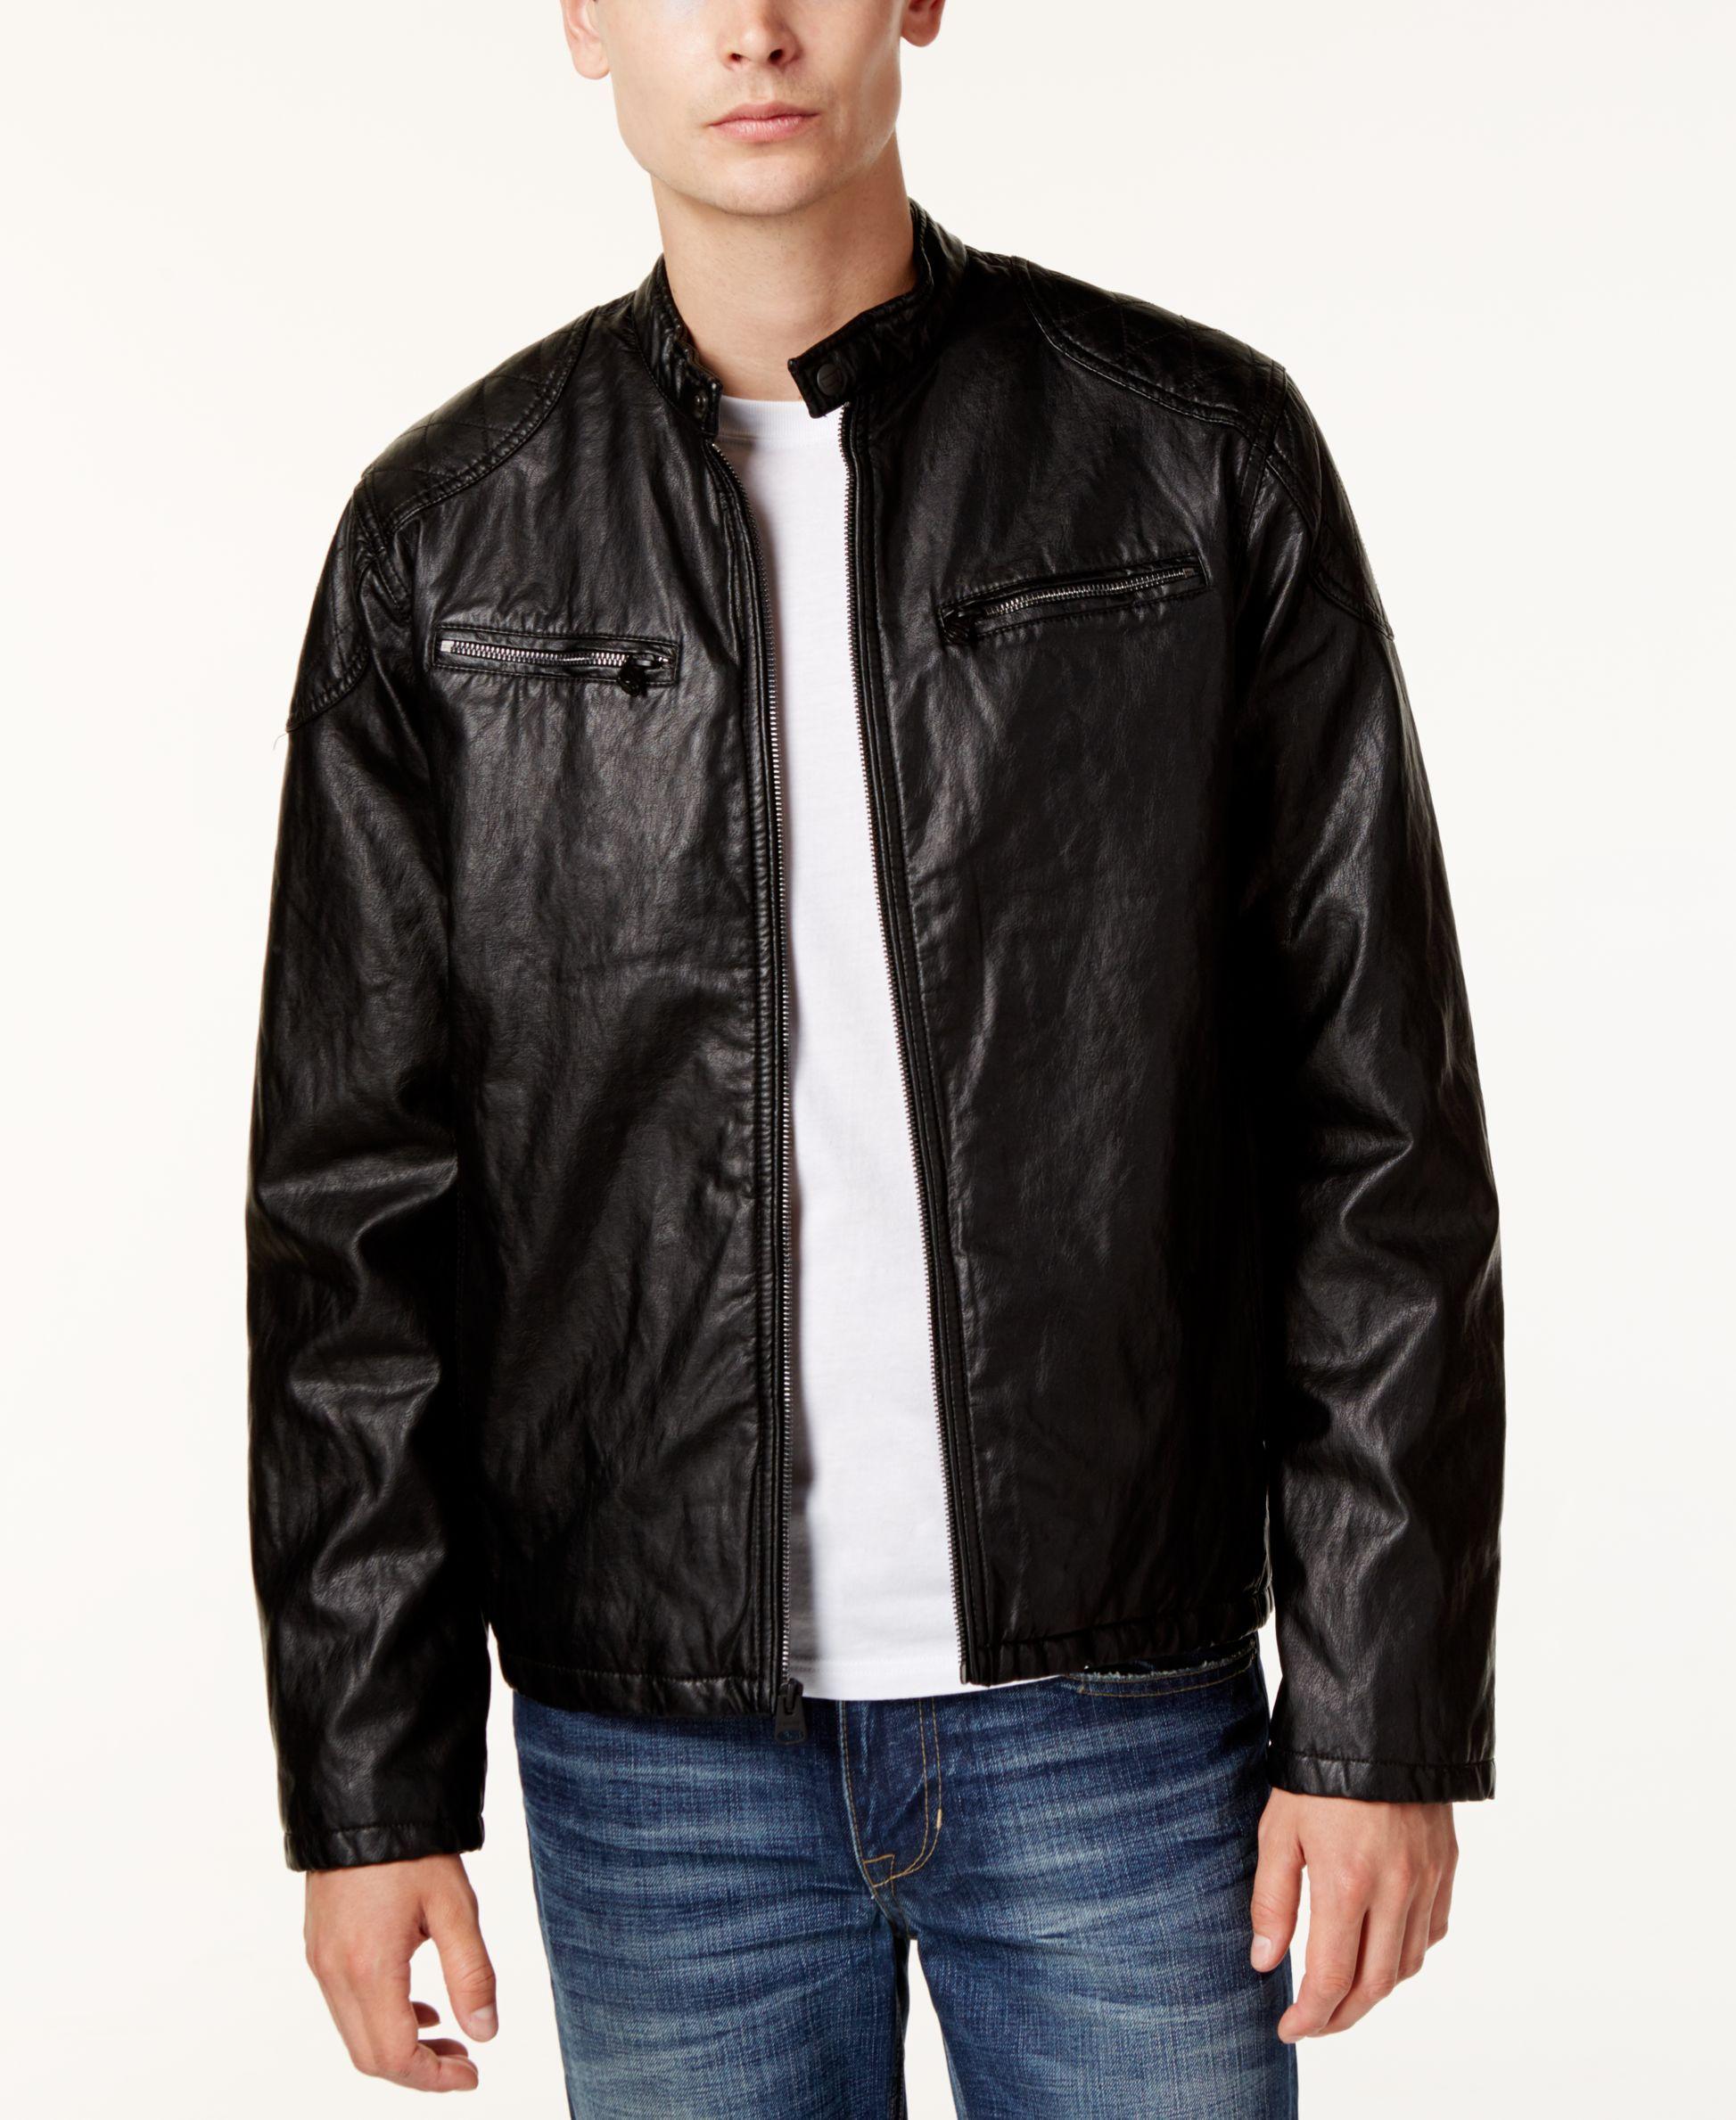 Levi's Men's Faux Leather Moto Jacket Faux leather moto